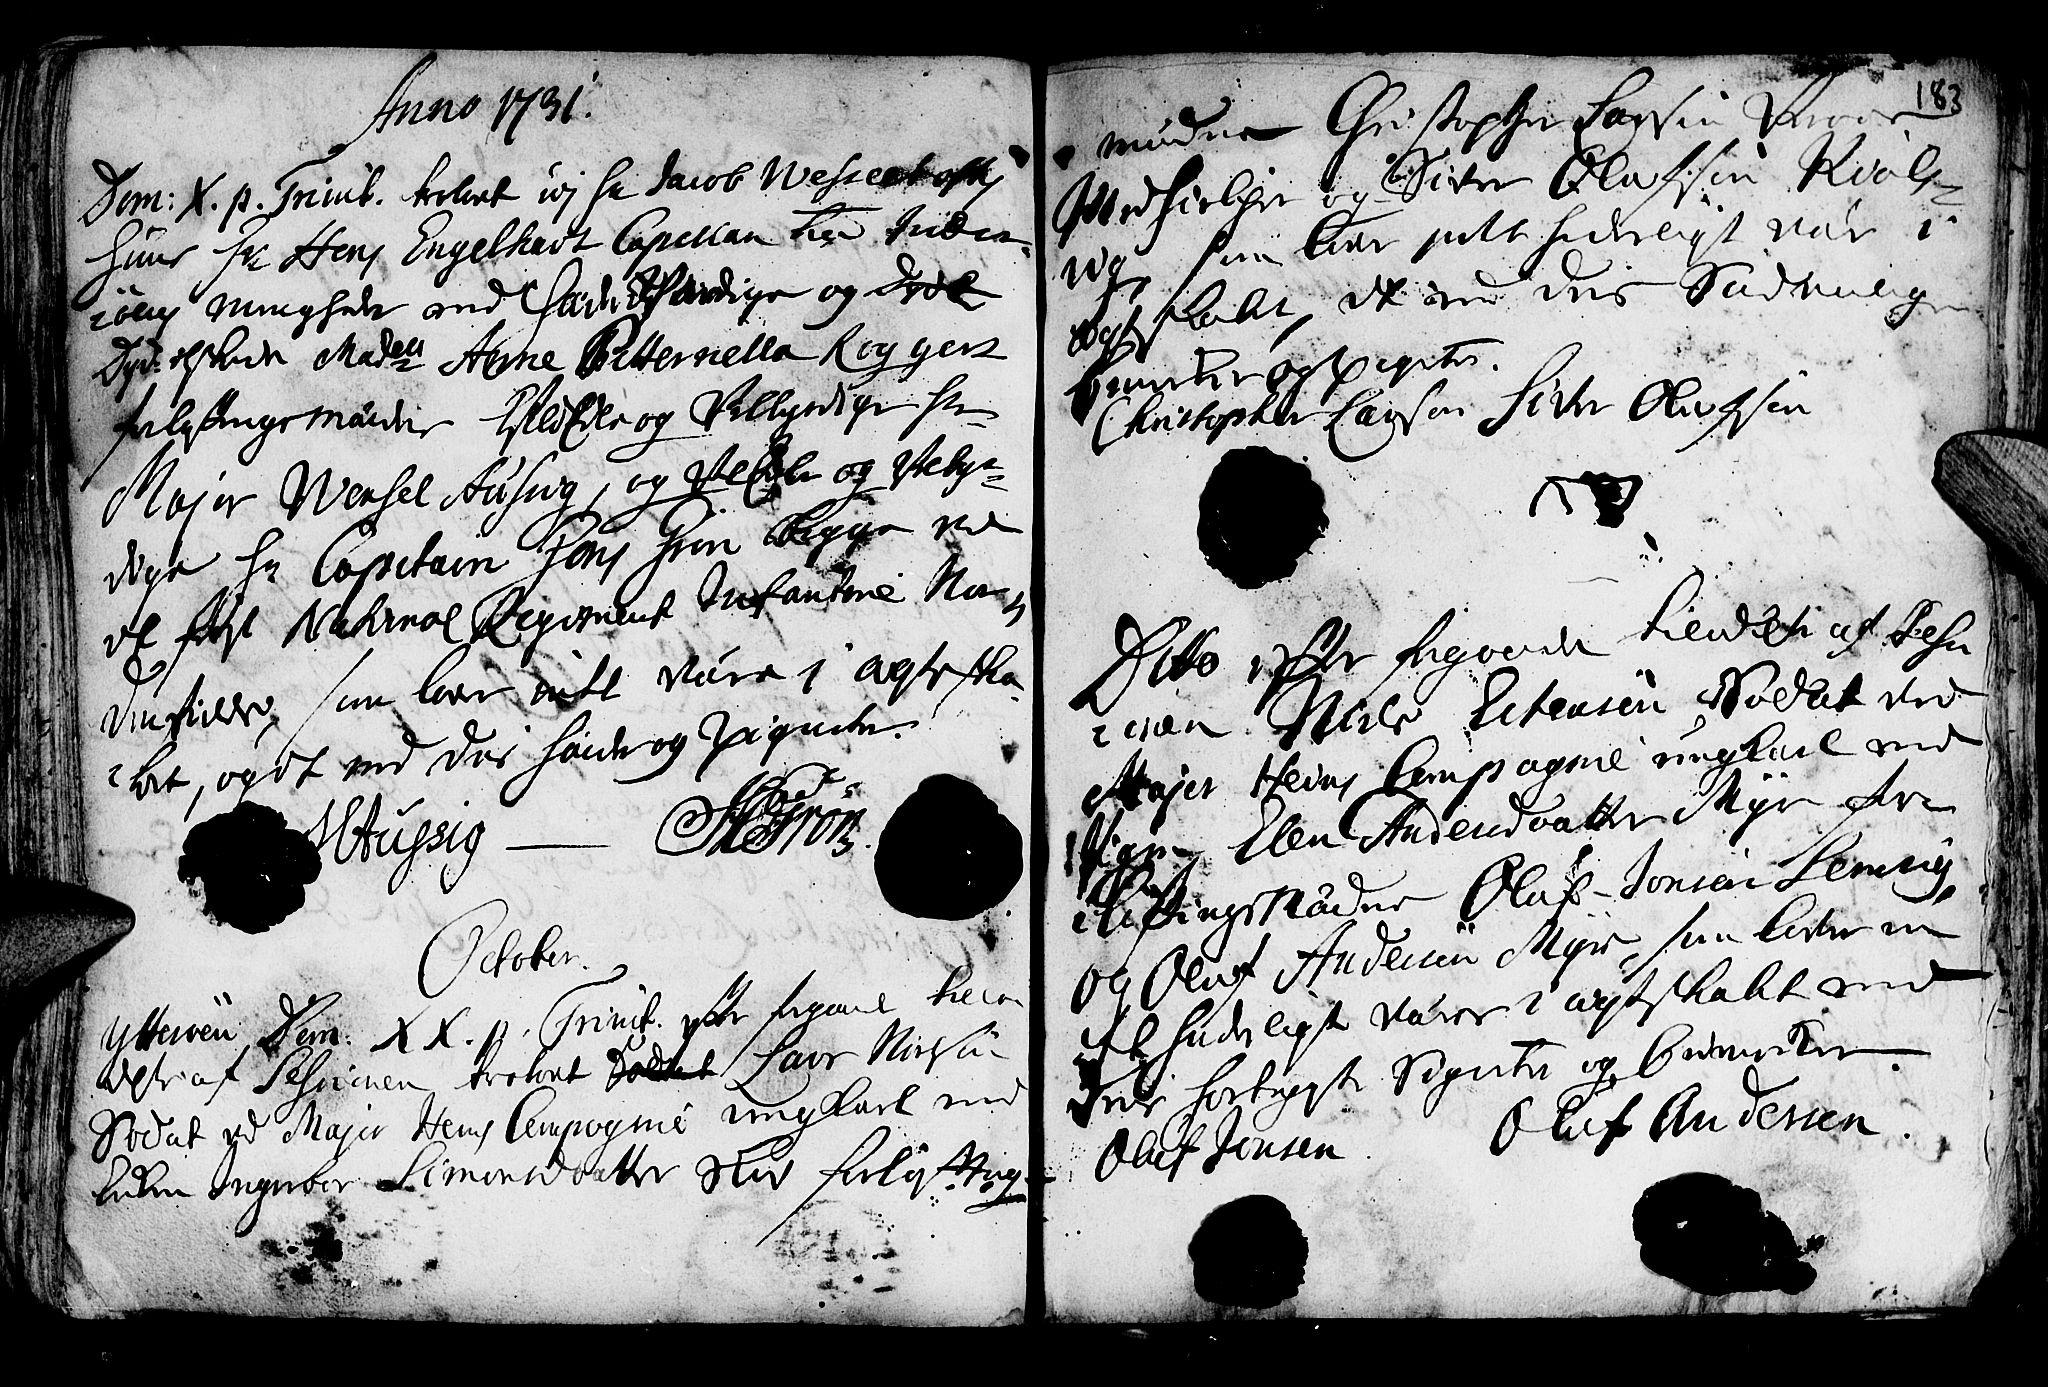 SAT, Ministerialprotokoller, klokkerbøker og fødselsregistre - Nord-Trøndelag, 722/L0215: Ministerialbok nr. 722A02, 1718-1755, s. 183